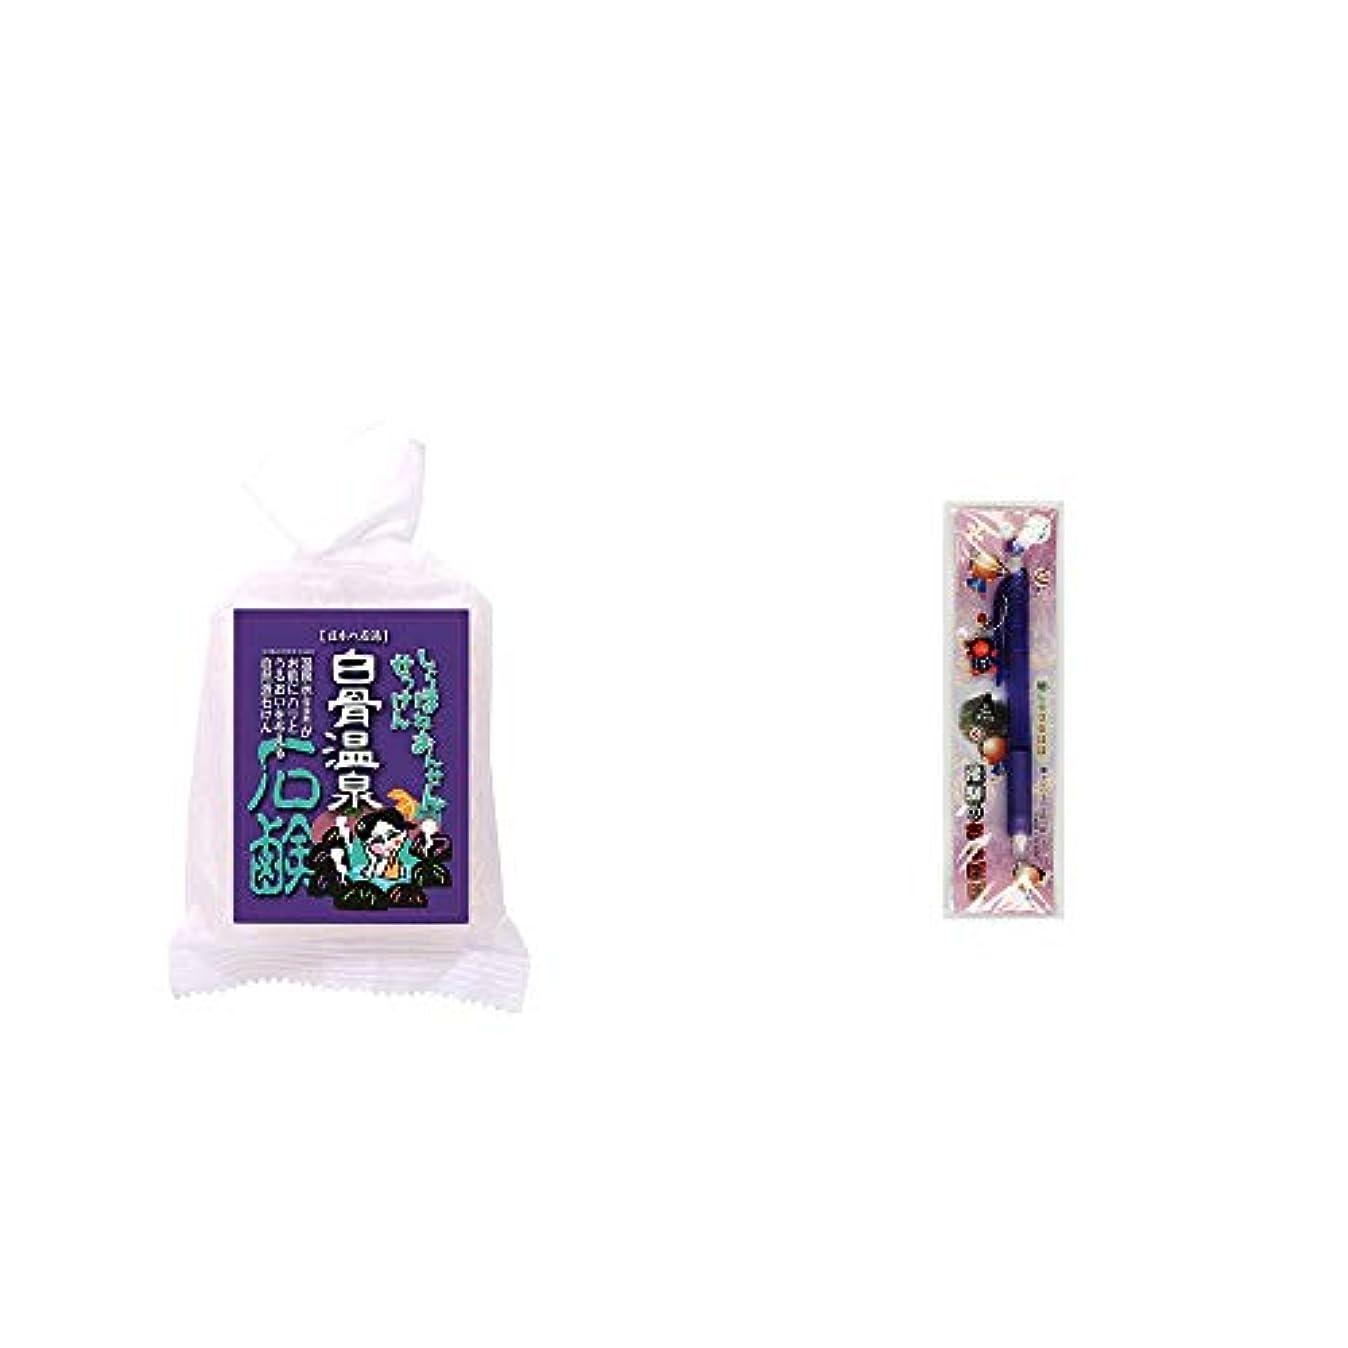 プリーツ溶接エスカレーター[2点セット] 信州 白骨温泉石鹸(80g)?さるぼぼ 癒しシャープペン 【パープル】